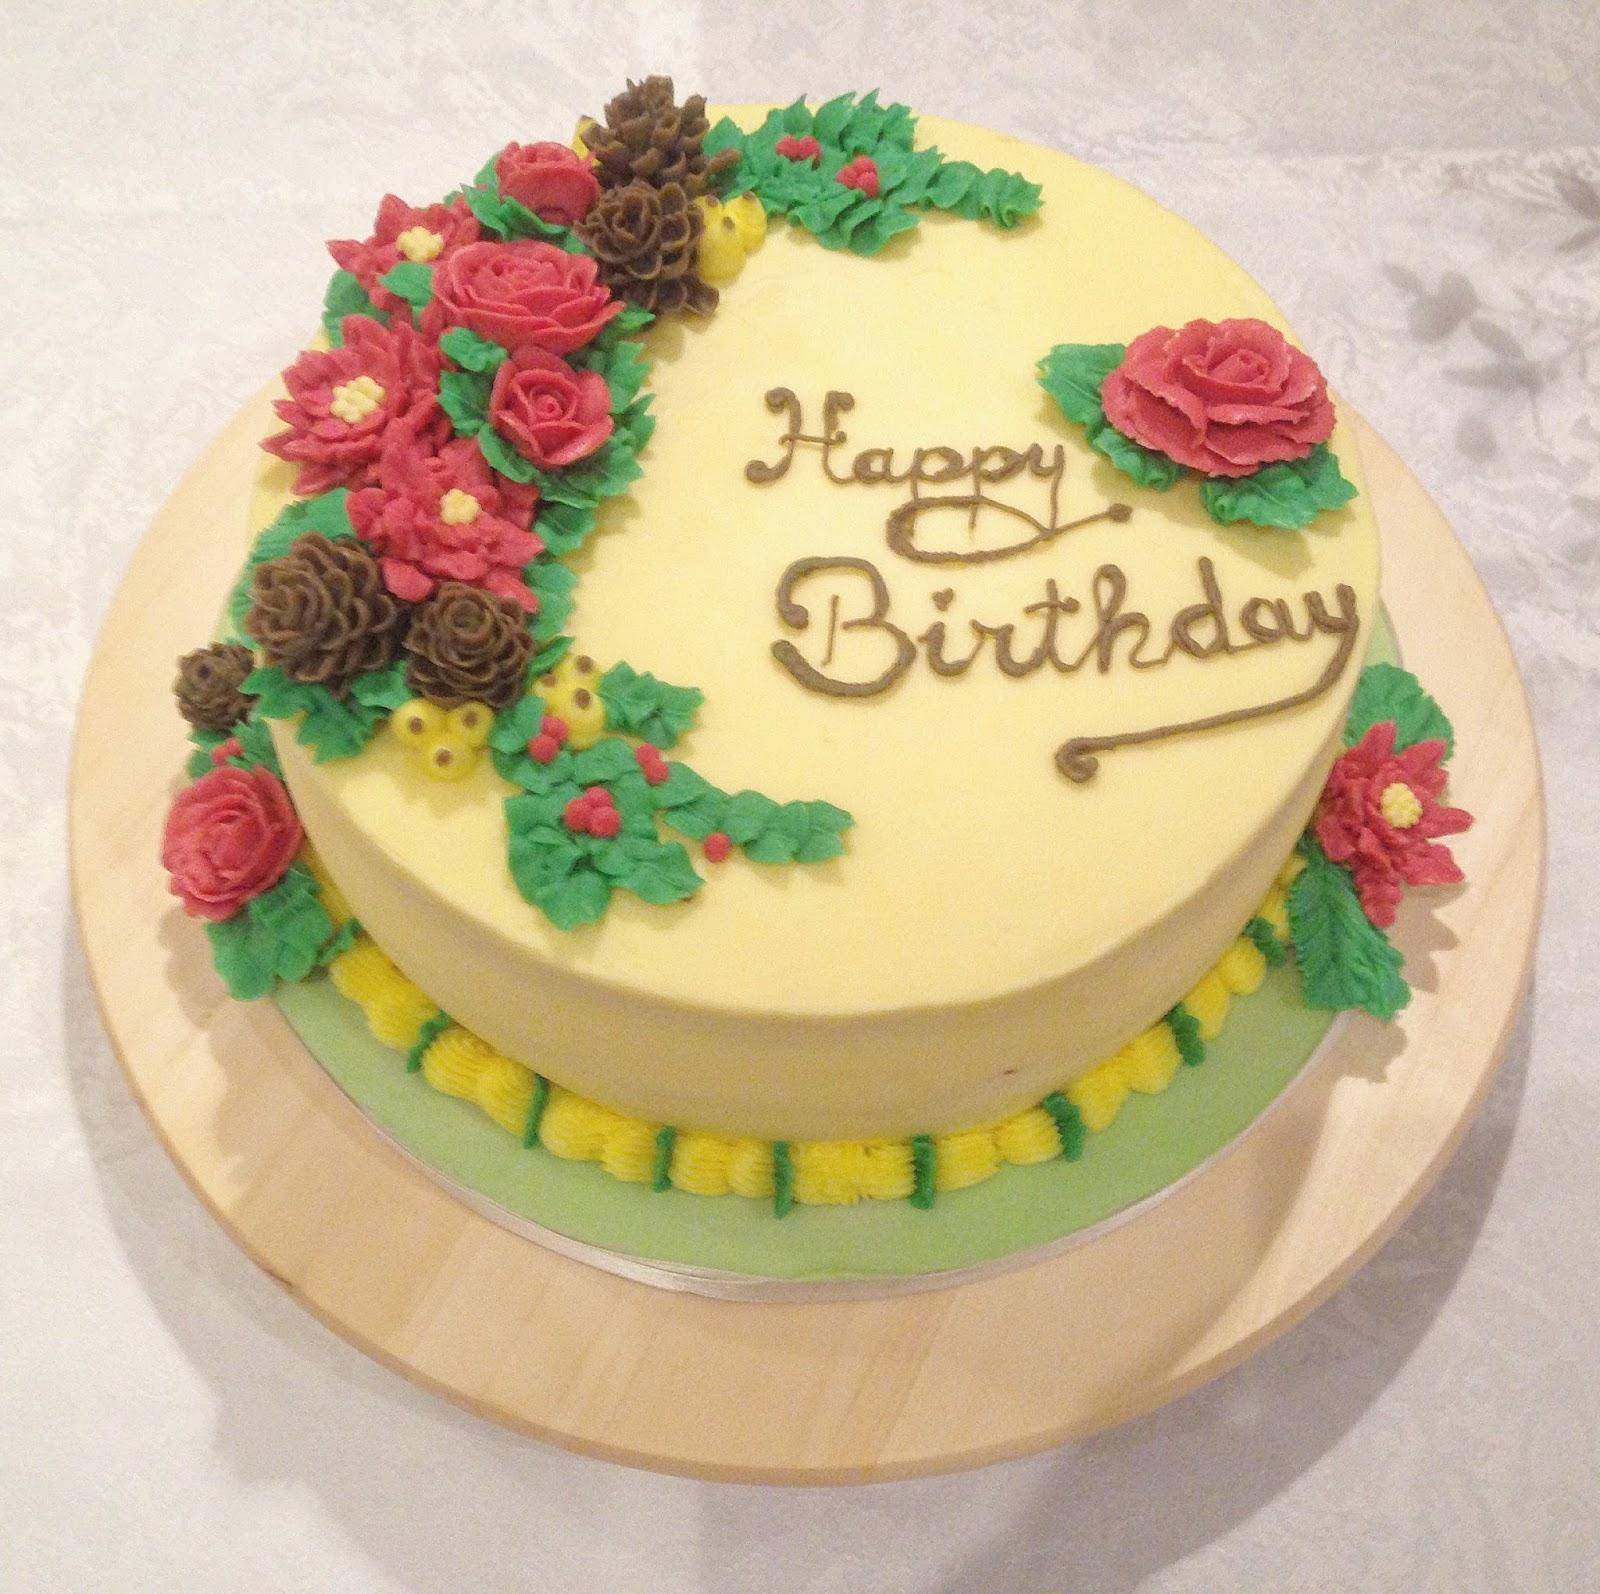 Adventstorte mit Blumen aus Buttercreme: Poinsettia, Rose, Tannenzapfen, Blattwerk - mit Videotutorial